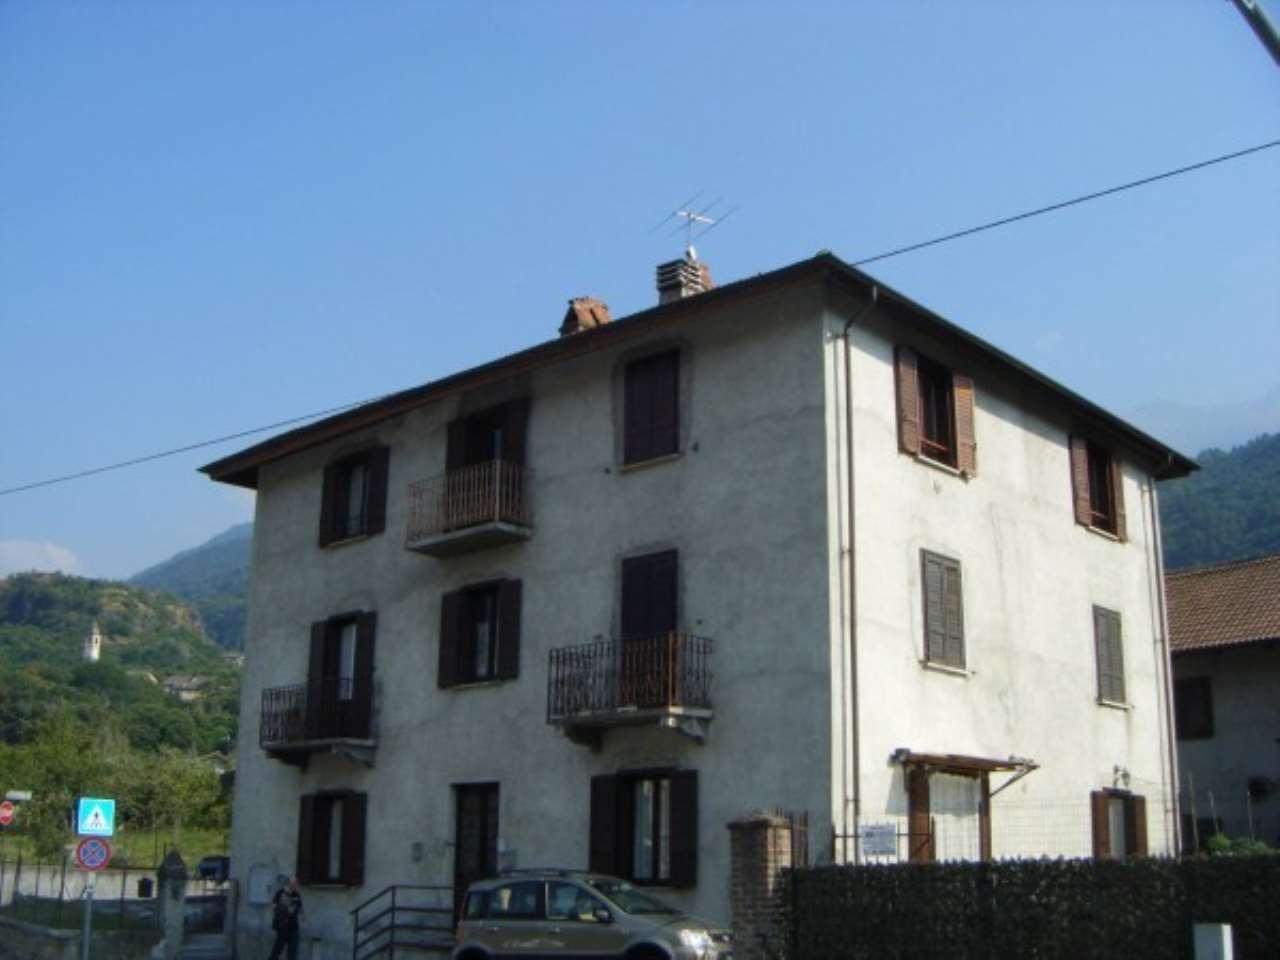 Appartamento in vendita a Gravere, 2 locali, prezzo € 33.000 | CambioCasa.it